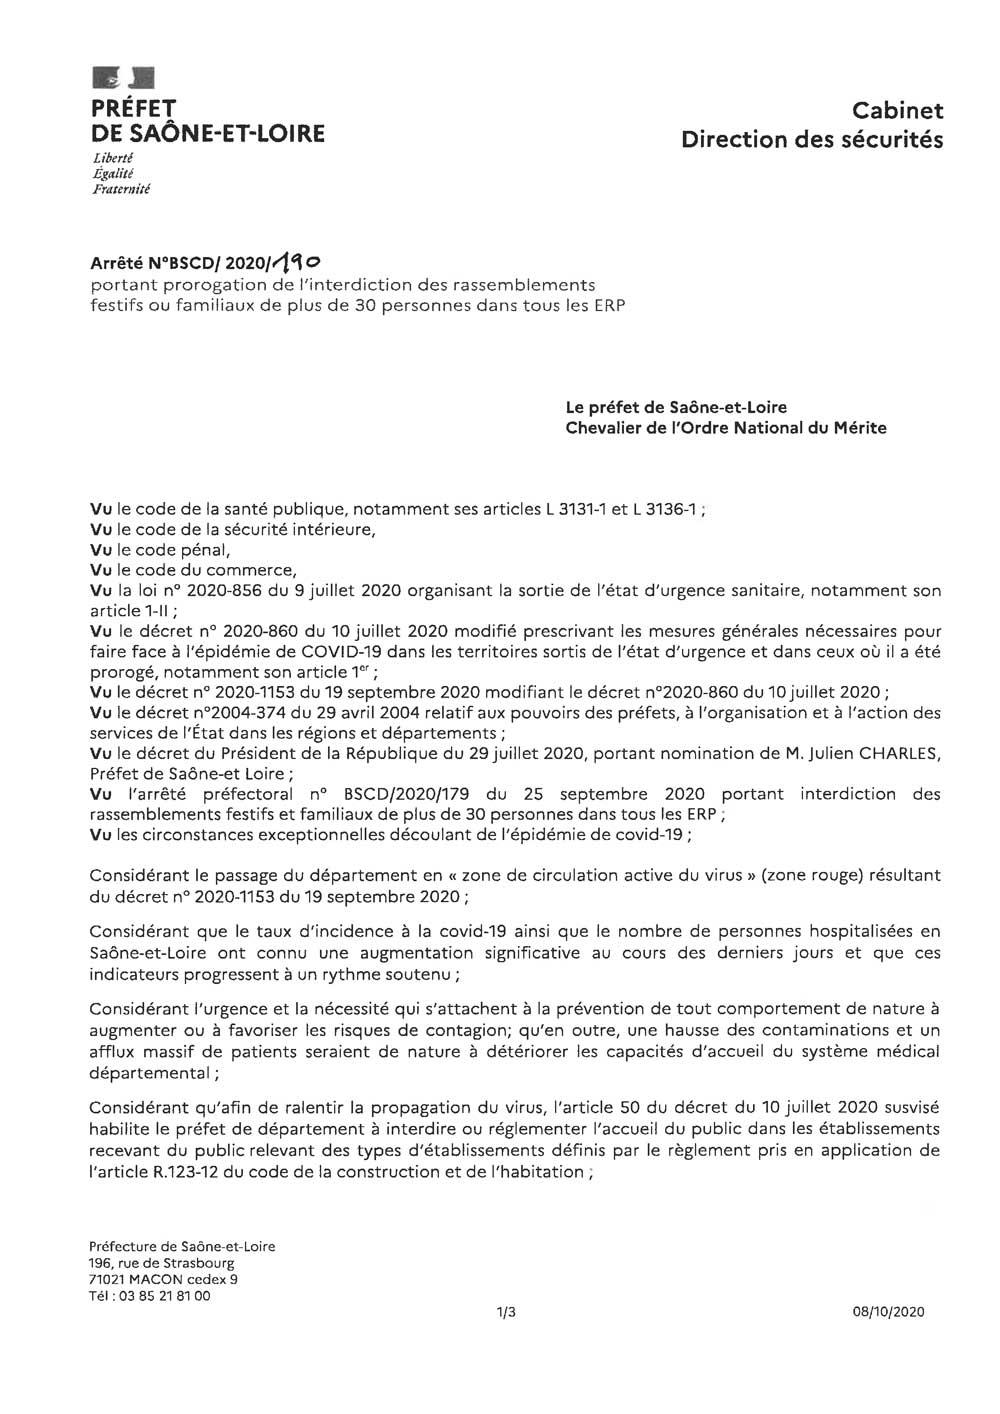 Arrêté préfectoral du 9 octobre 2020 portant prorogation de l'interdiction des rassemblements festifs ou familiaux de plus de 30 personnes dans tous les ERP